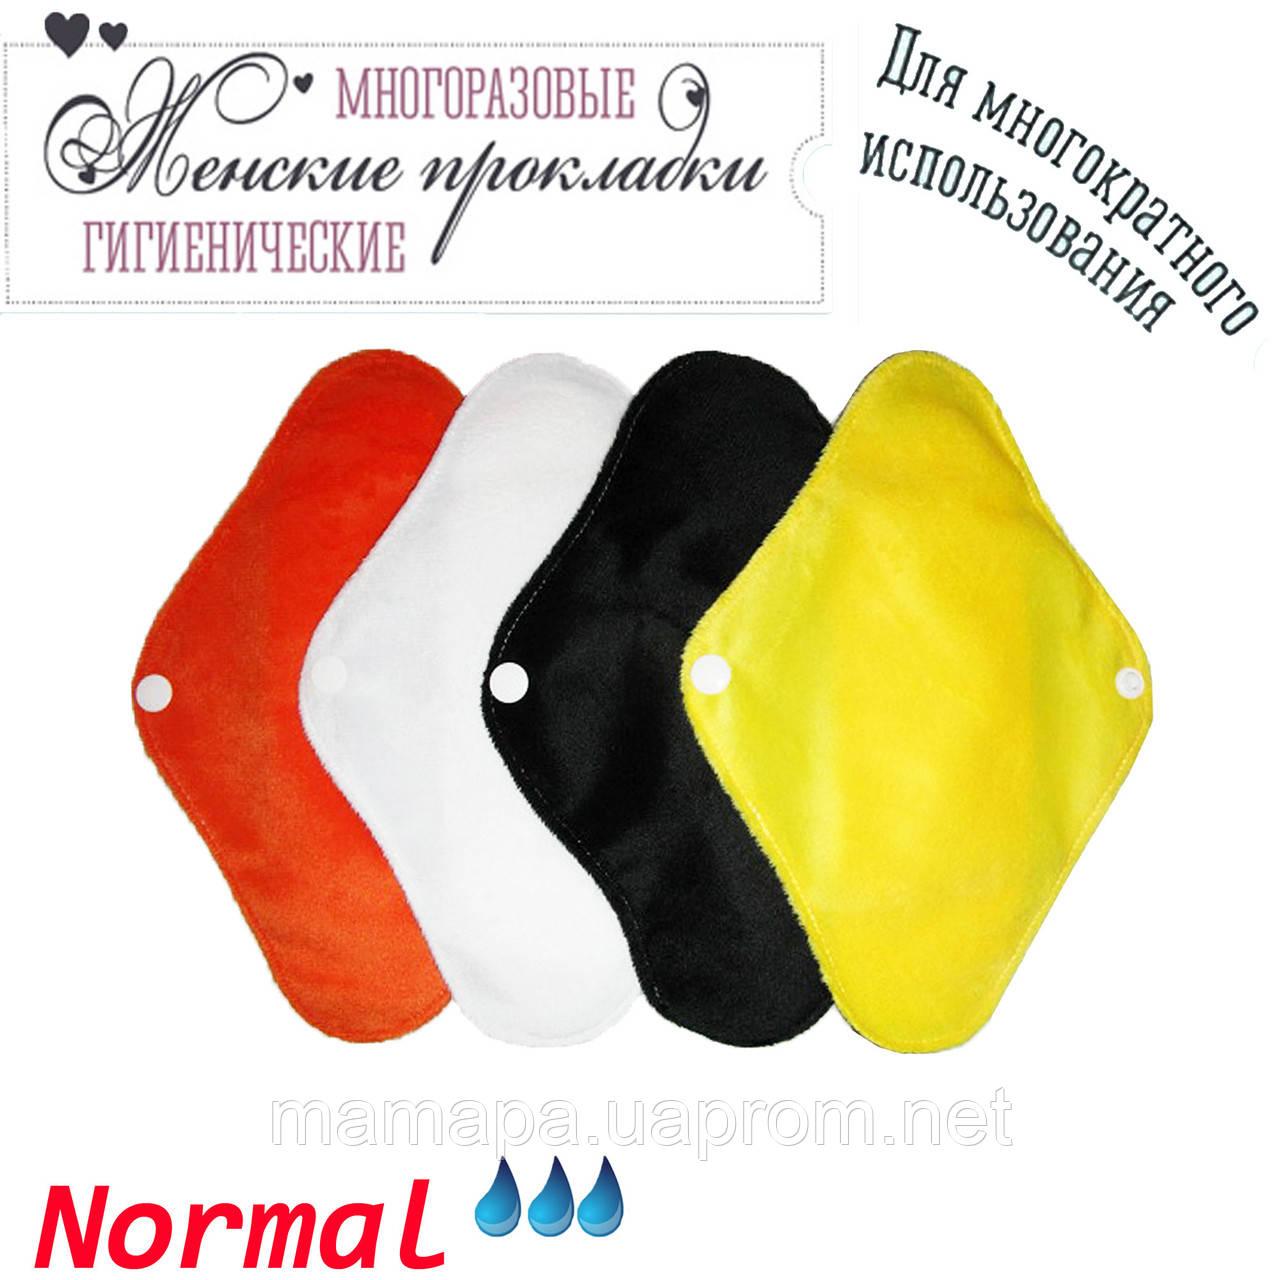 Многоразовые прокладки NORMAL Velour-3 3шт бамбуковые угольные непромокаемые дышащие (однотонные)